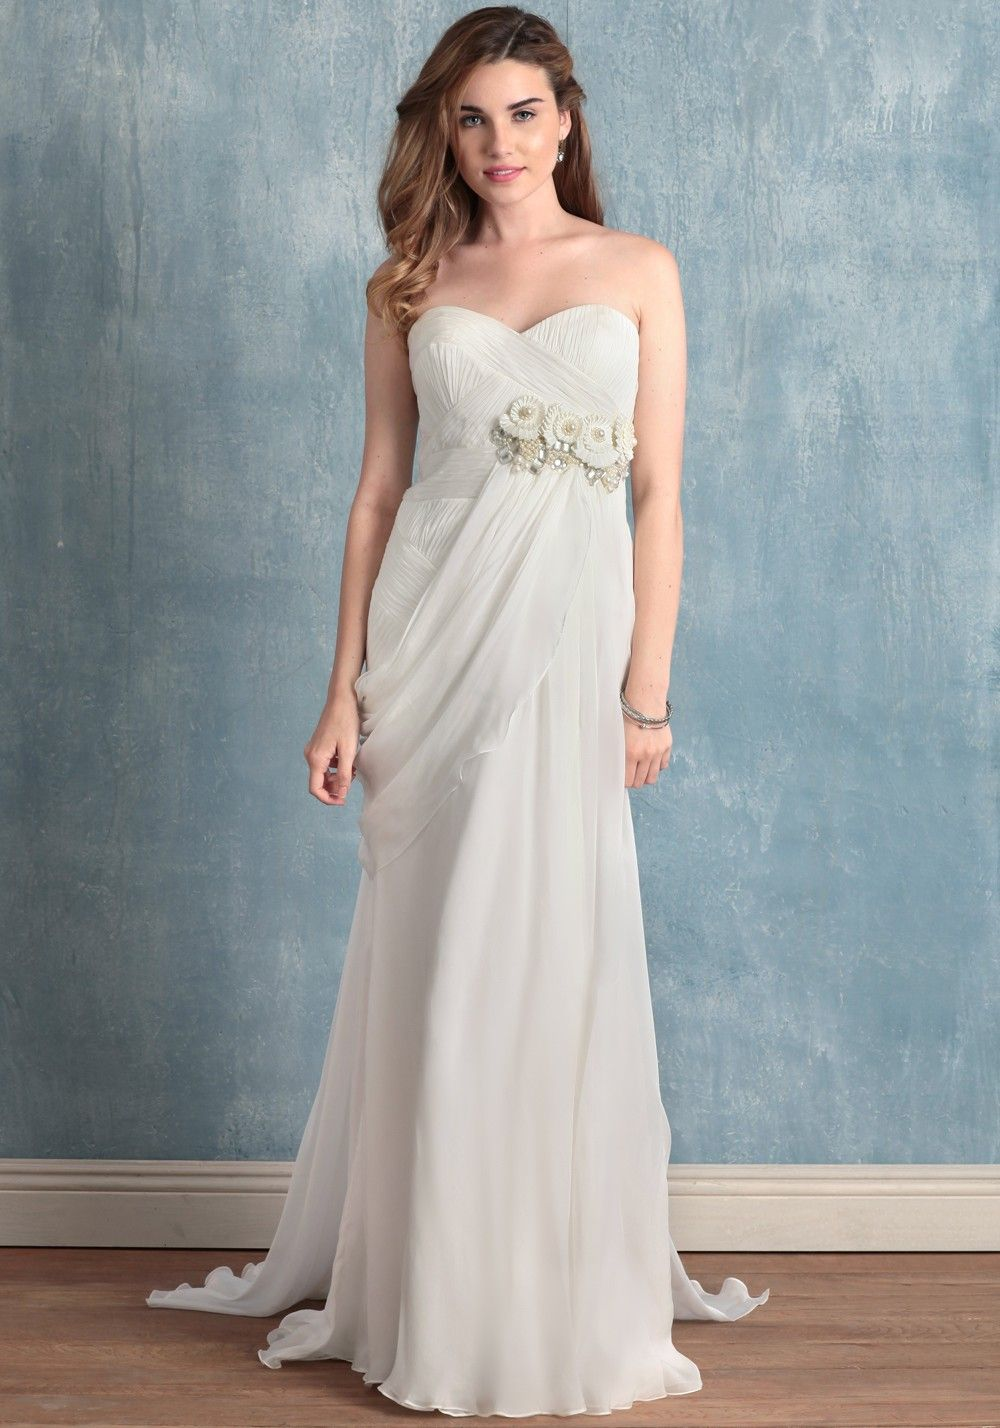 Vintage wedding dress under 500  Daphne  Wedding Dress  Pinterest  Vintage bridal Bridal dresses